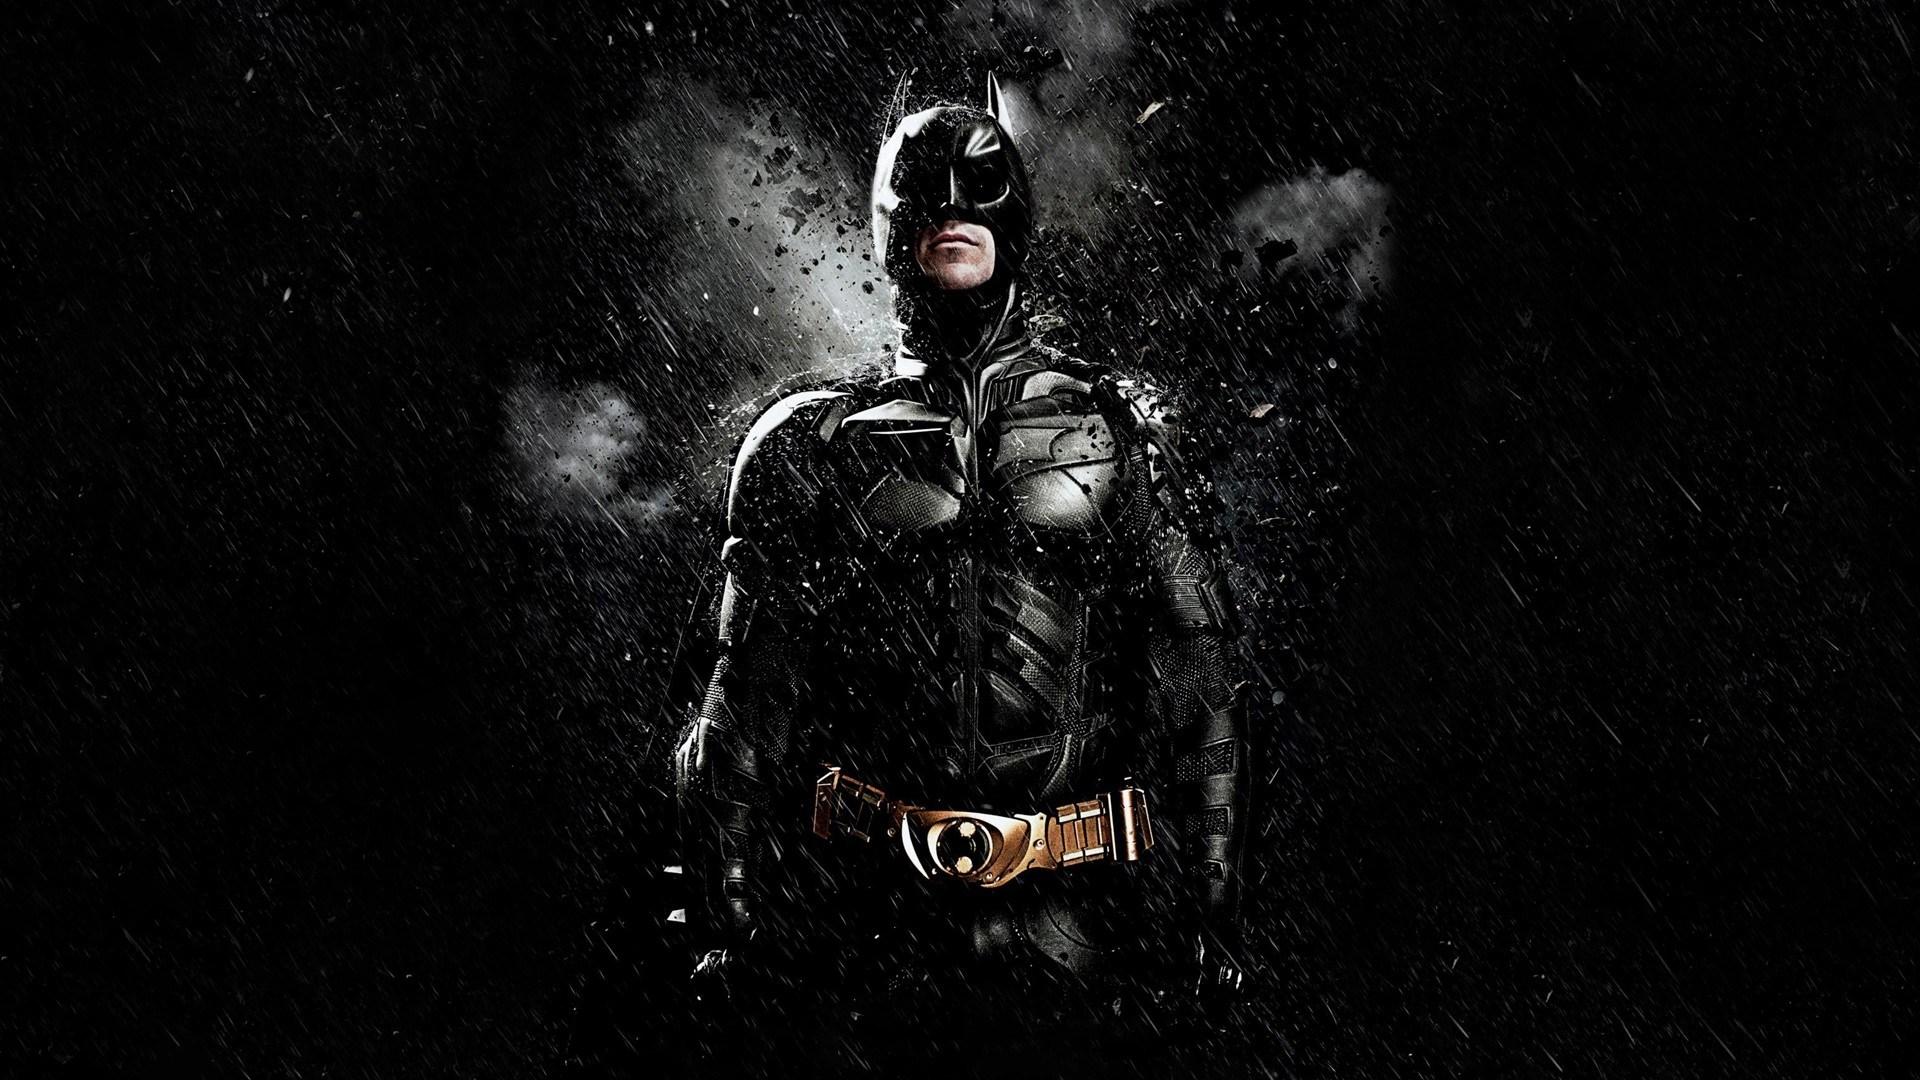 Batman Wallpaper 066